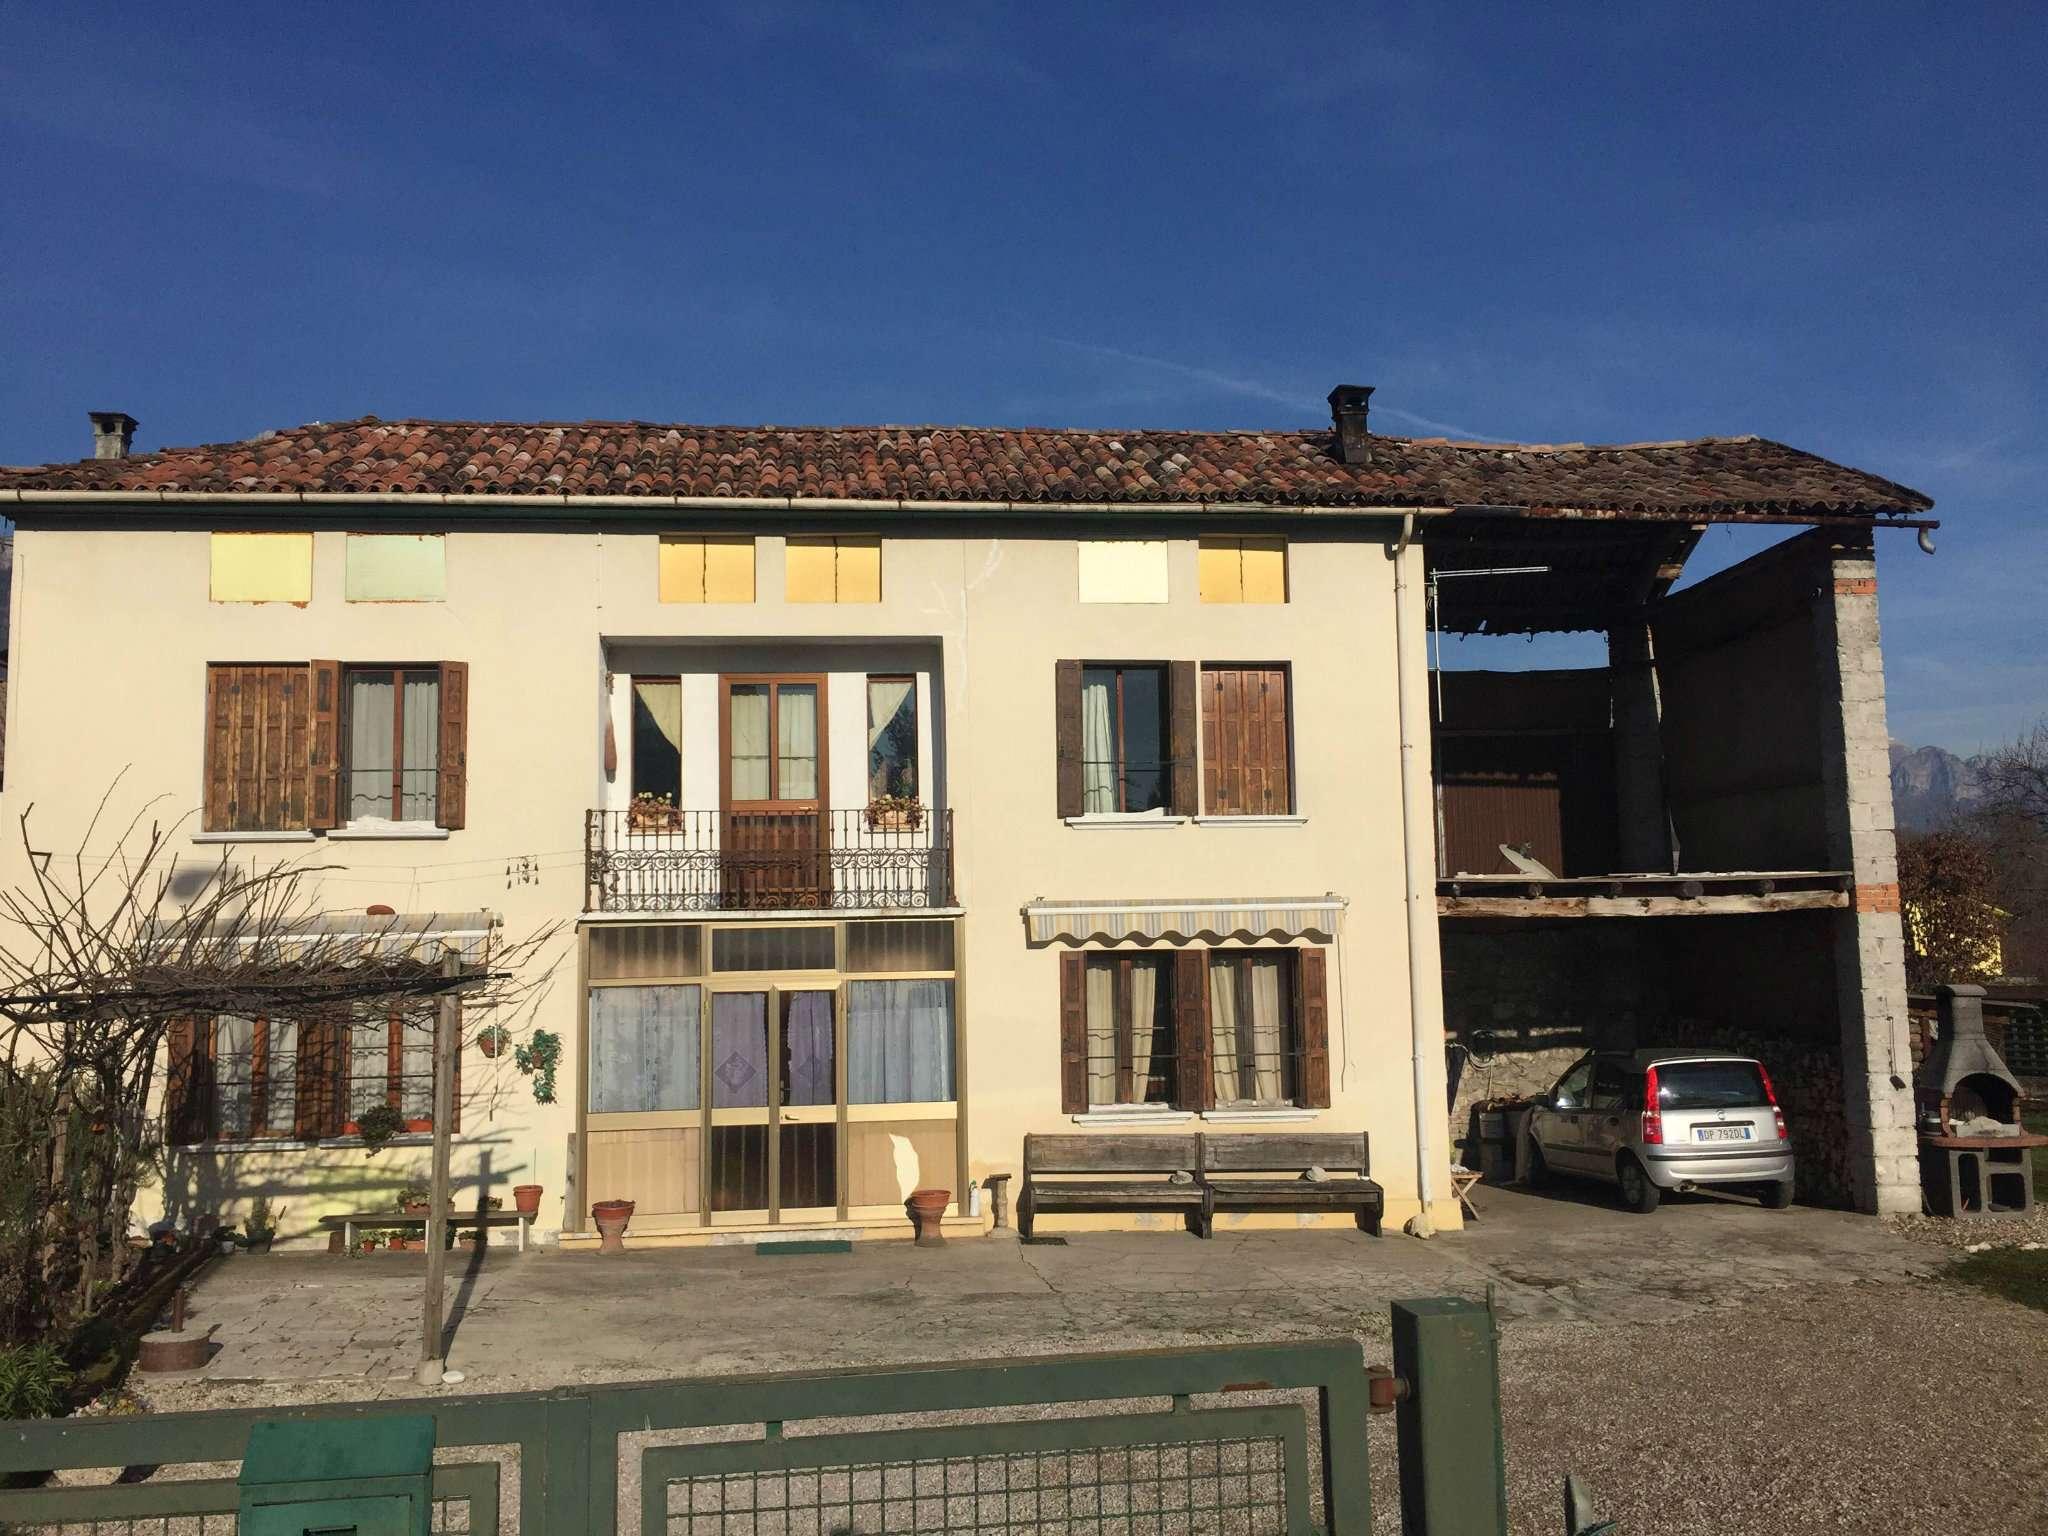 Soluzione Indipendente in vendita a Santa Giustina, 11 locali, prezzo € 105.000 | CambioCasa.it